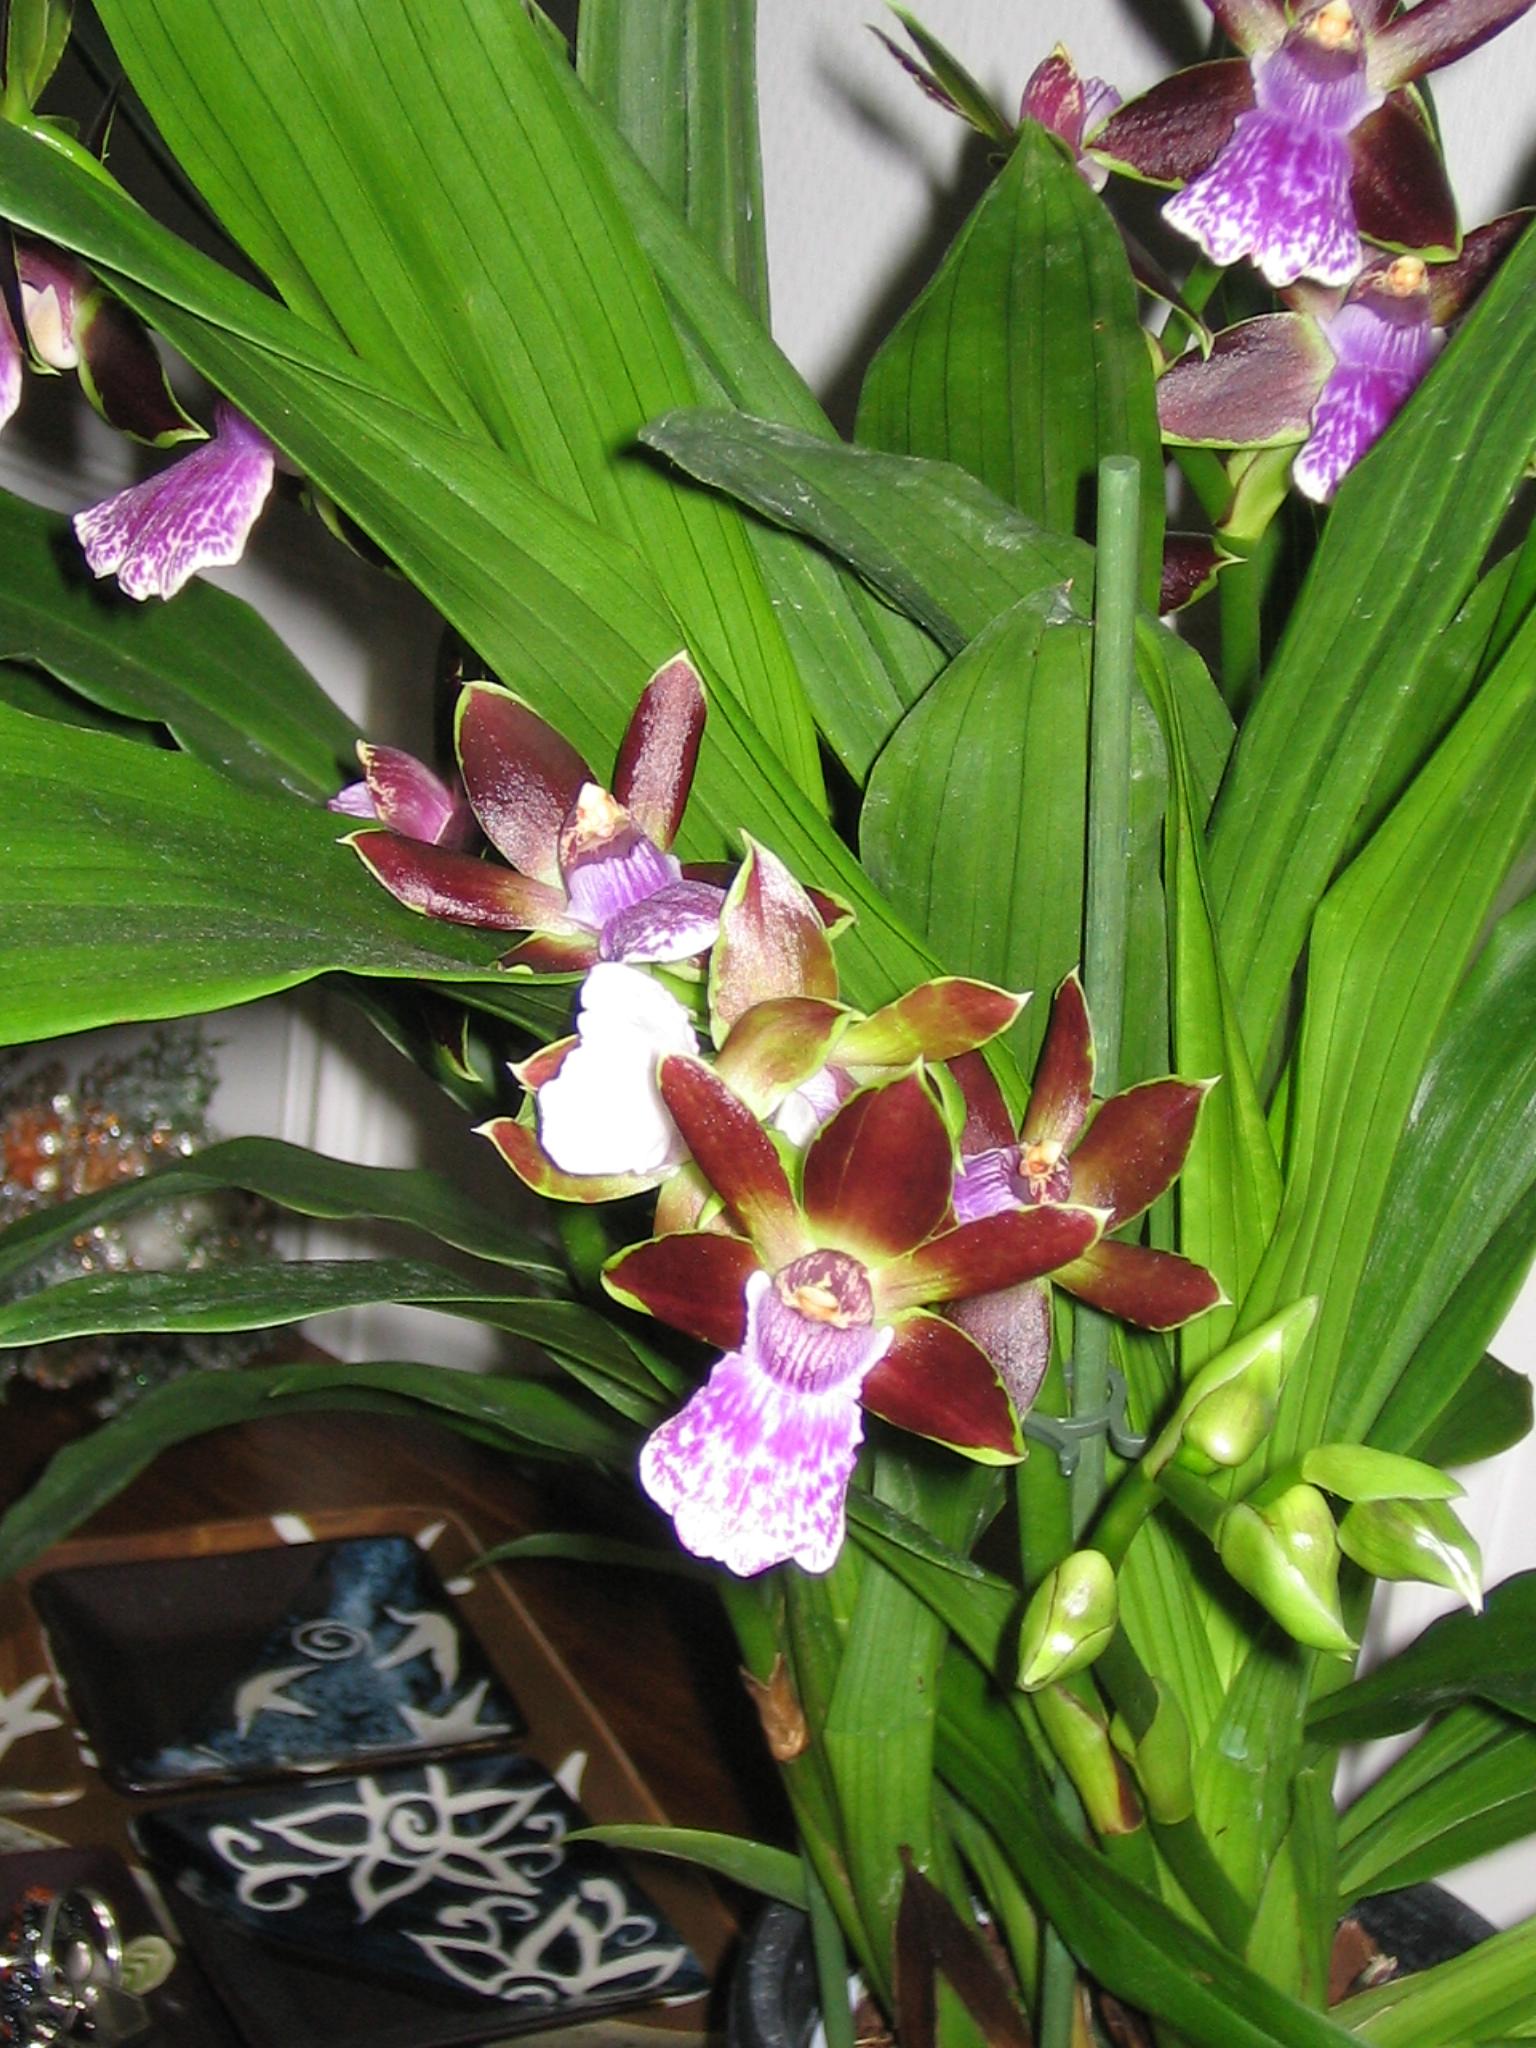 eric et franck orchidee a bruges. Black Bedroom Furniture Sets. Home Design Ideas